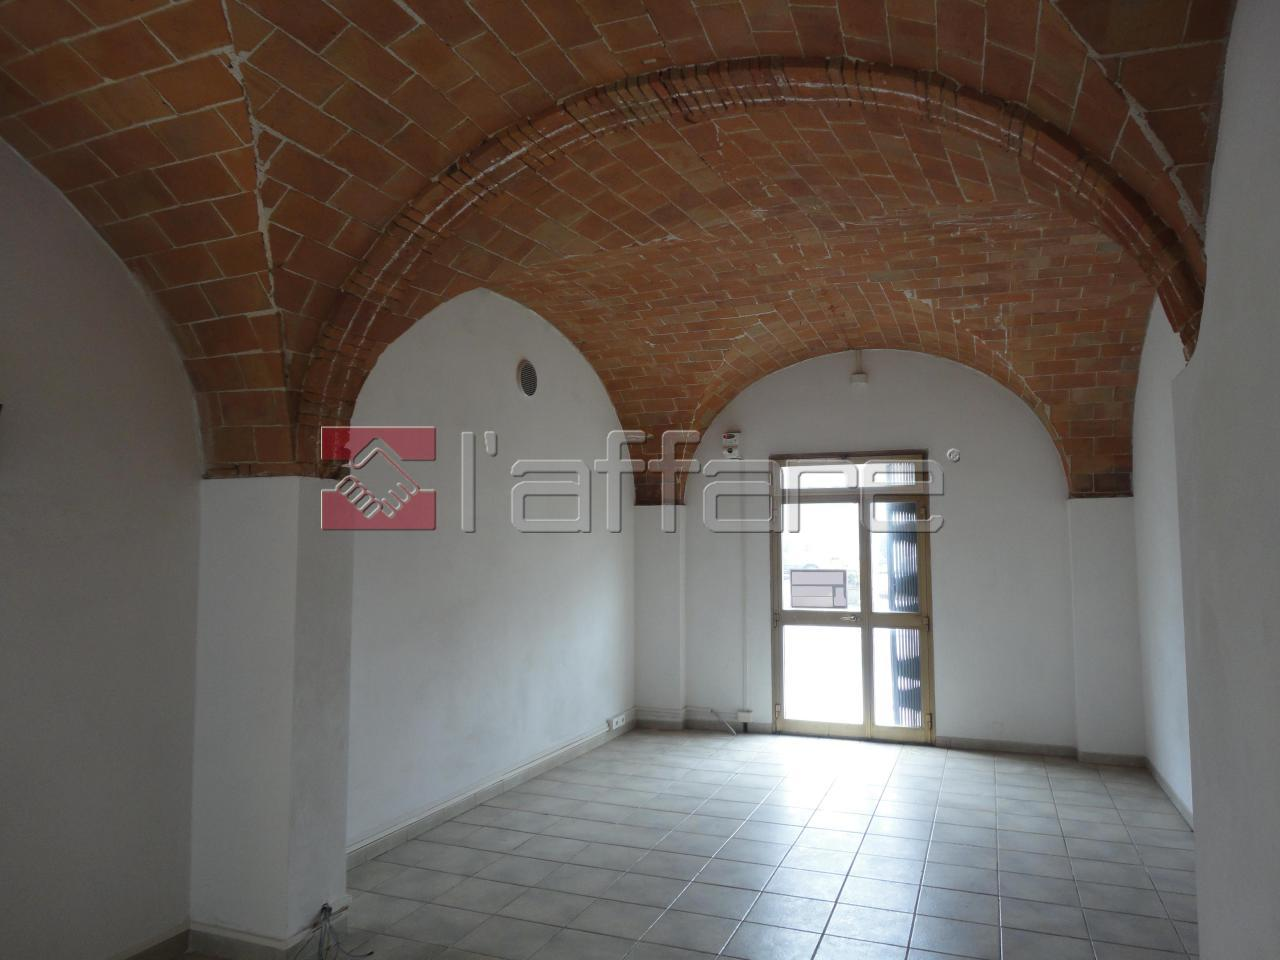 Negozio / Locale in affitto a Casciana Terme Lari, 1 locali, prezzo € 250 | Cambio Casa.it